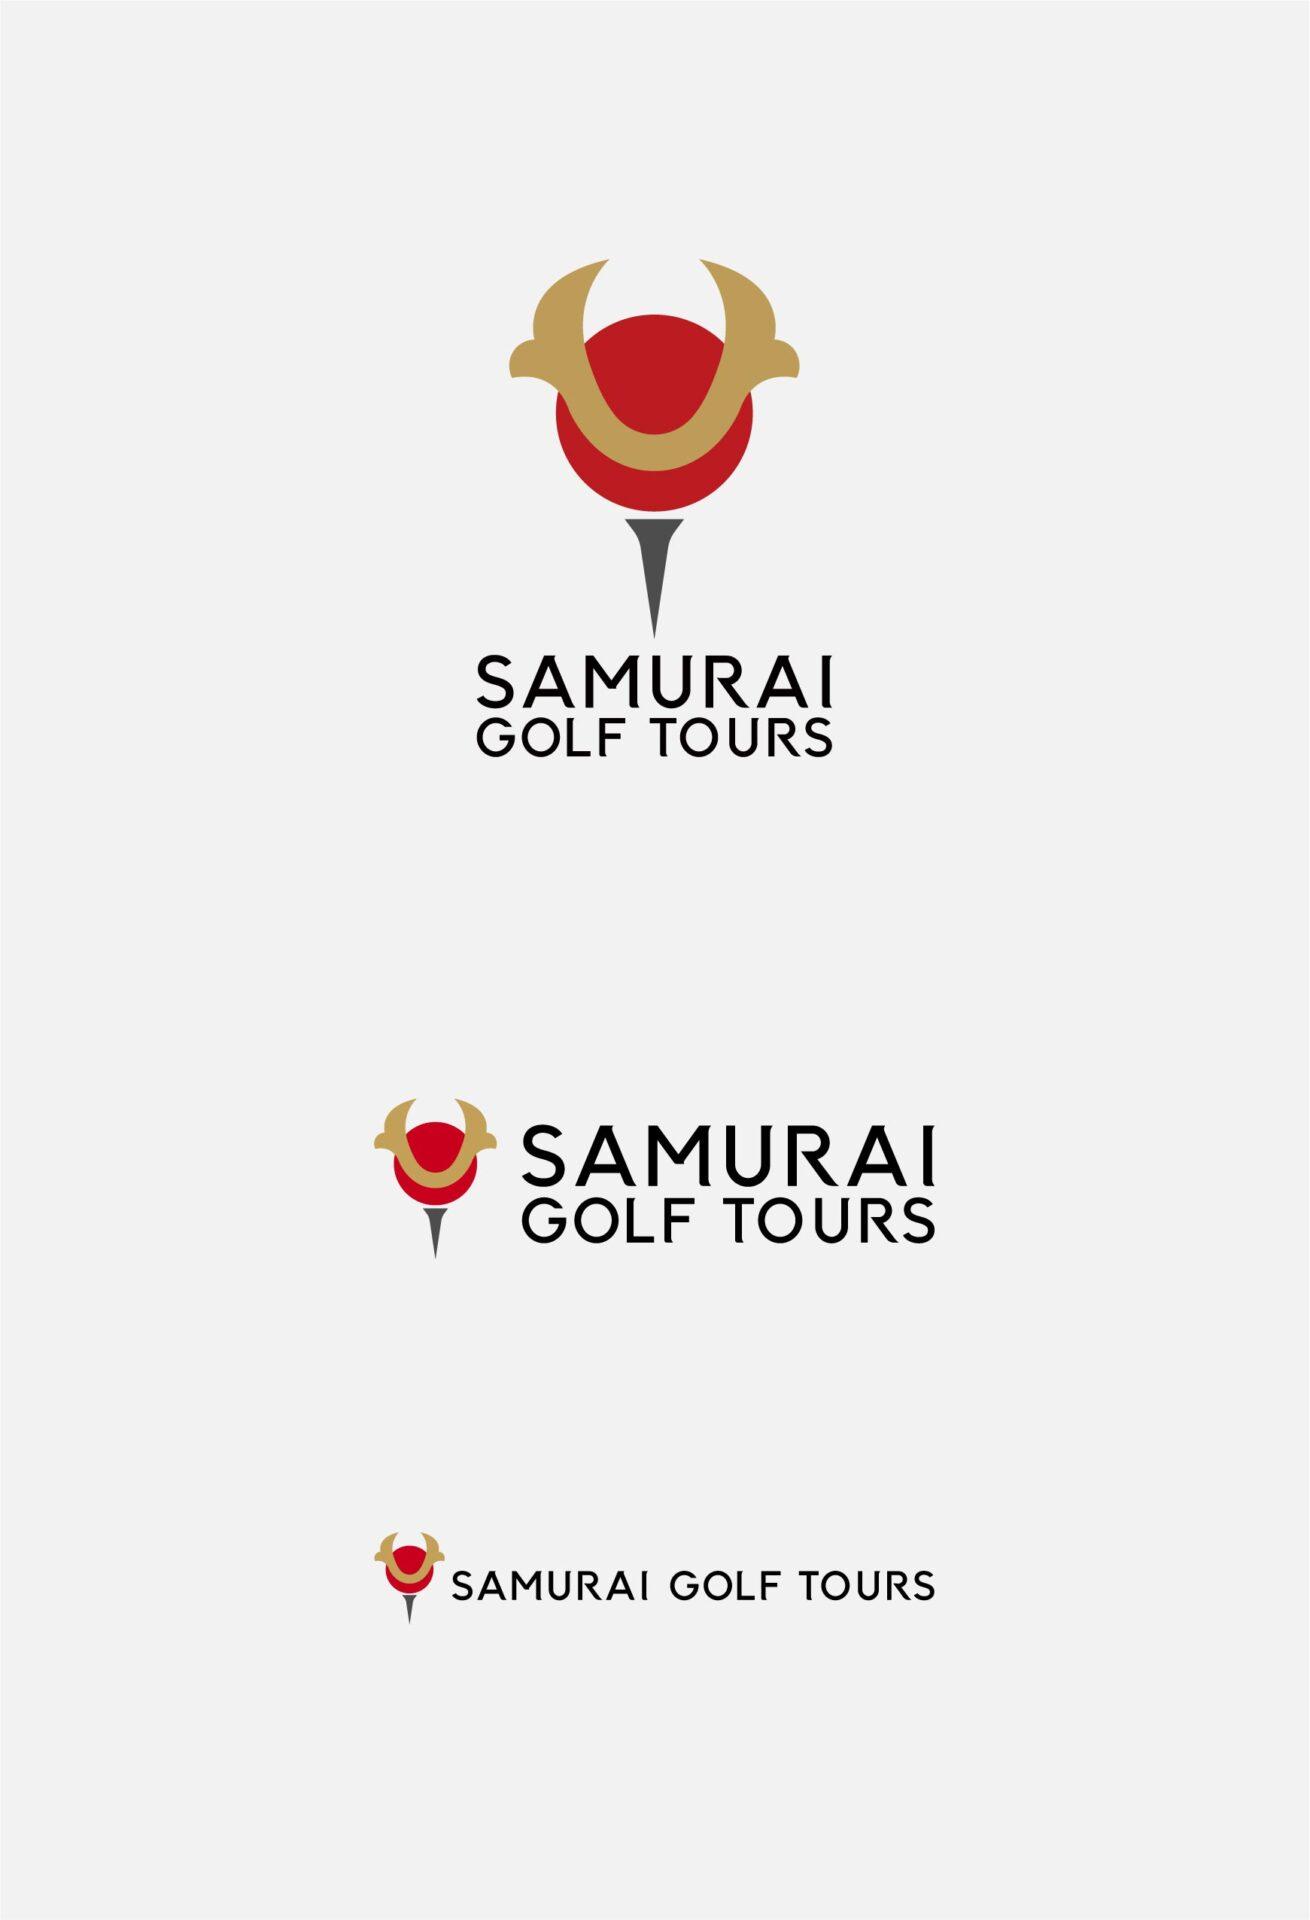 「SAMURAI GOLF TOURS」の実績画像